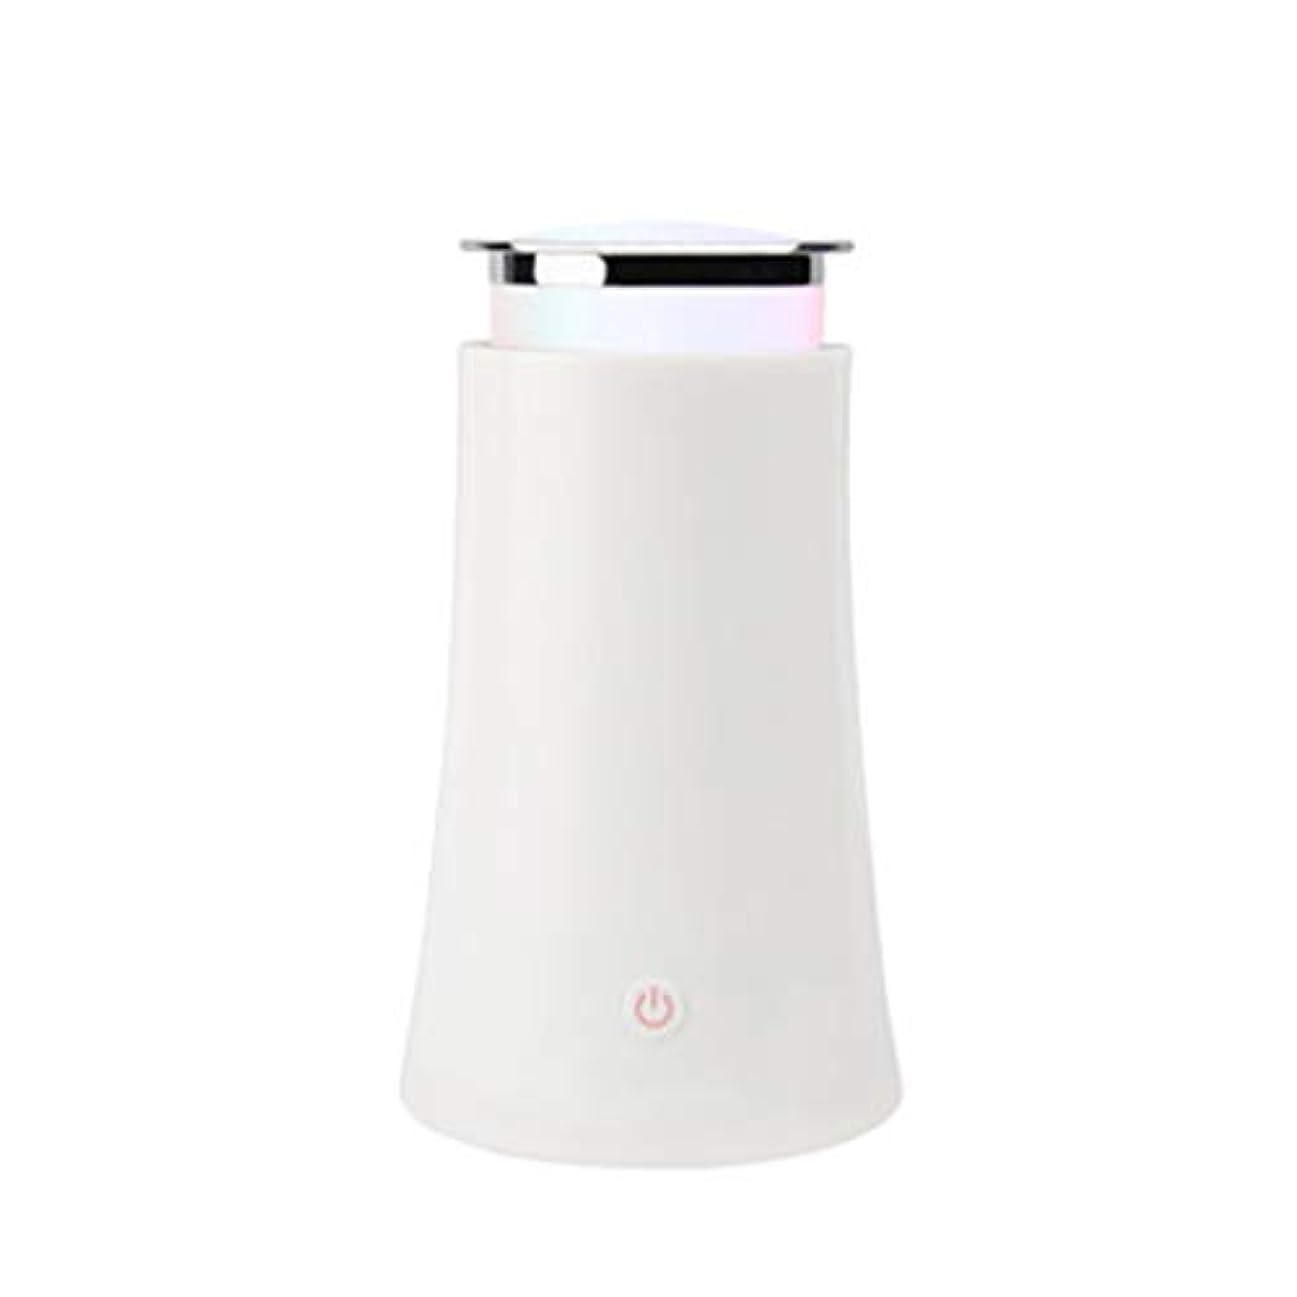 不名誉化学薬品シャーサイレントカラースプレー機超音波加湿器プラグイン加湿器香機世帯 (Color : White)